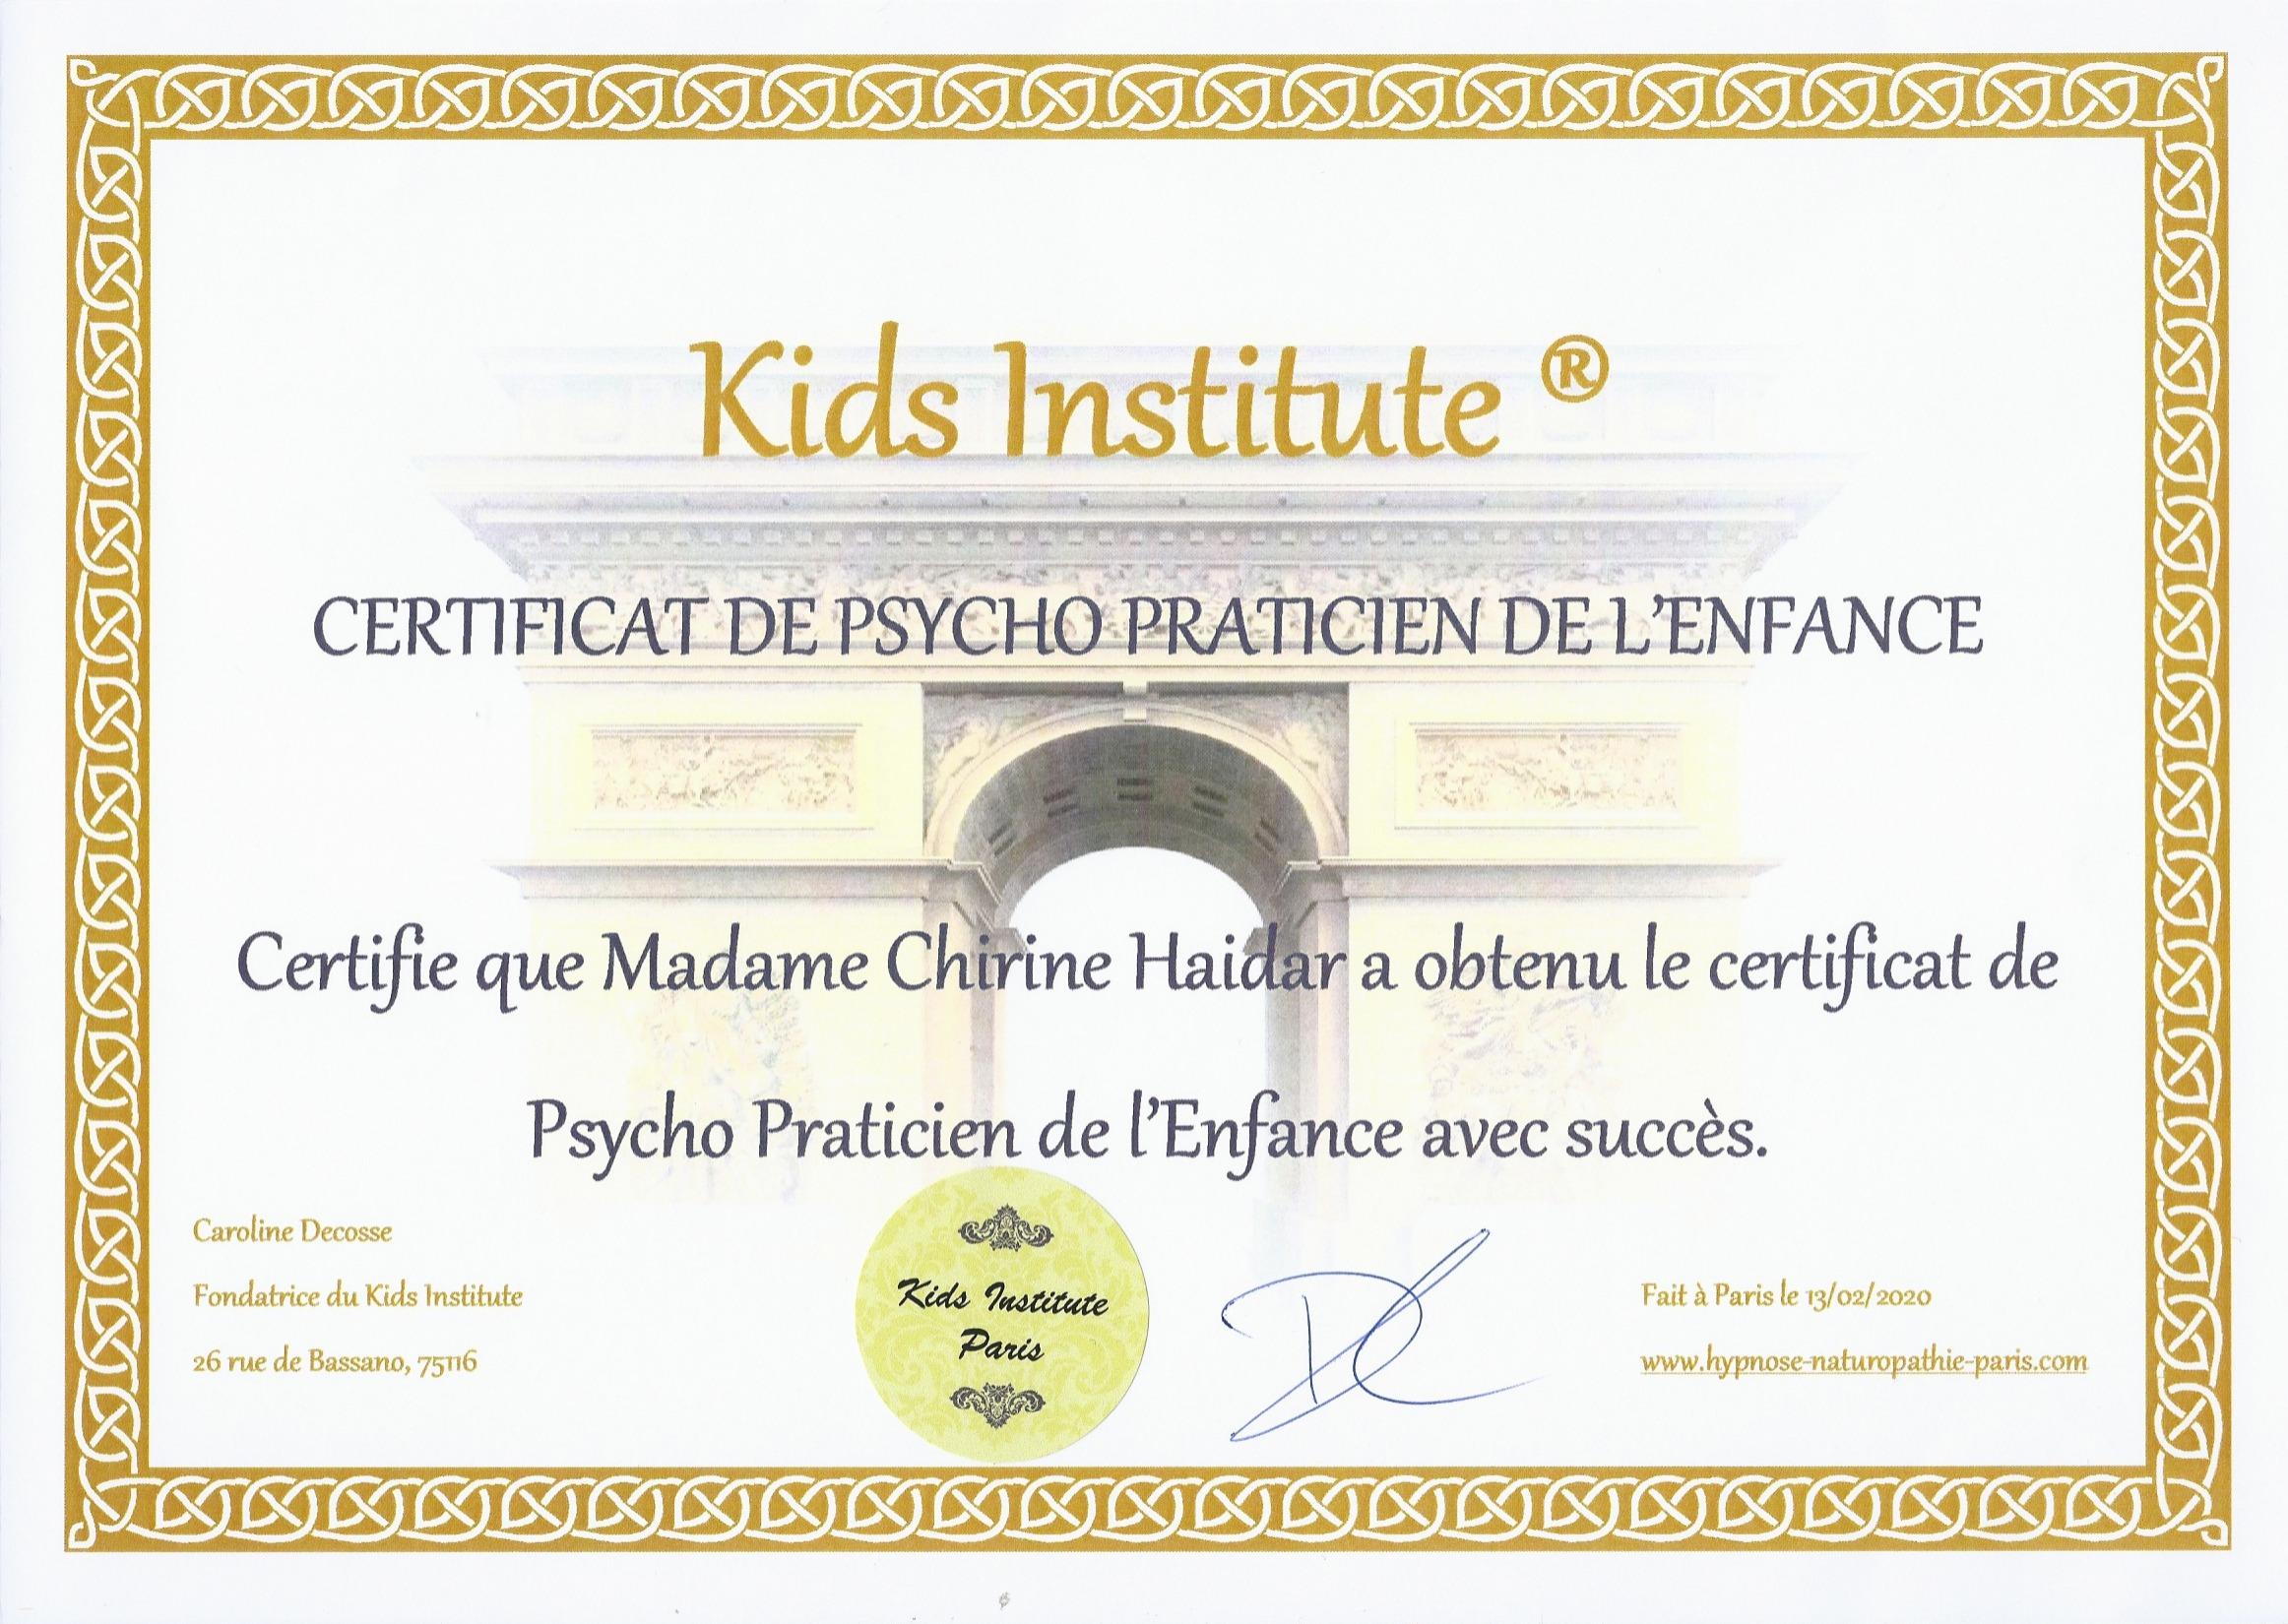 Psychopraticien de l'Enfance